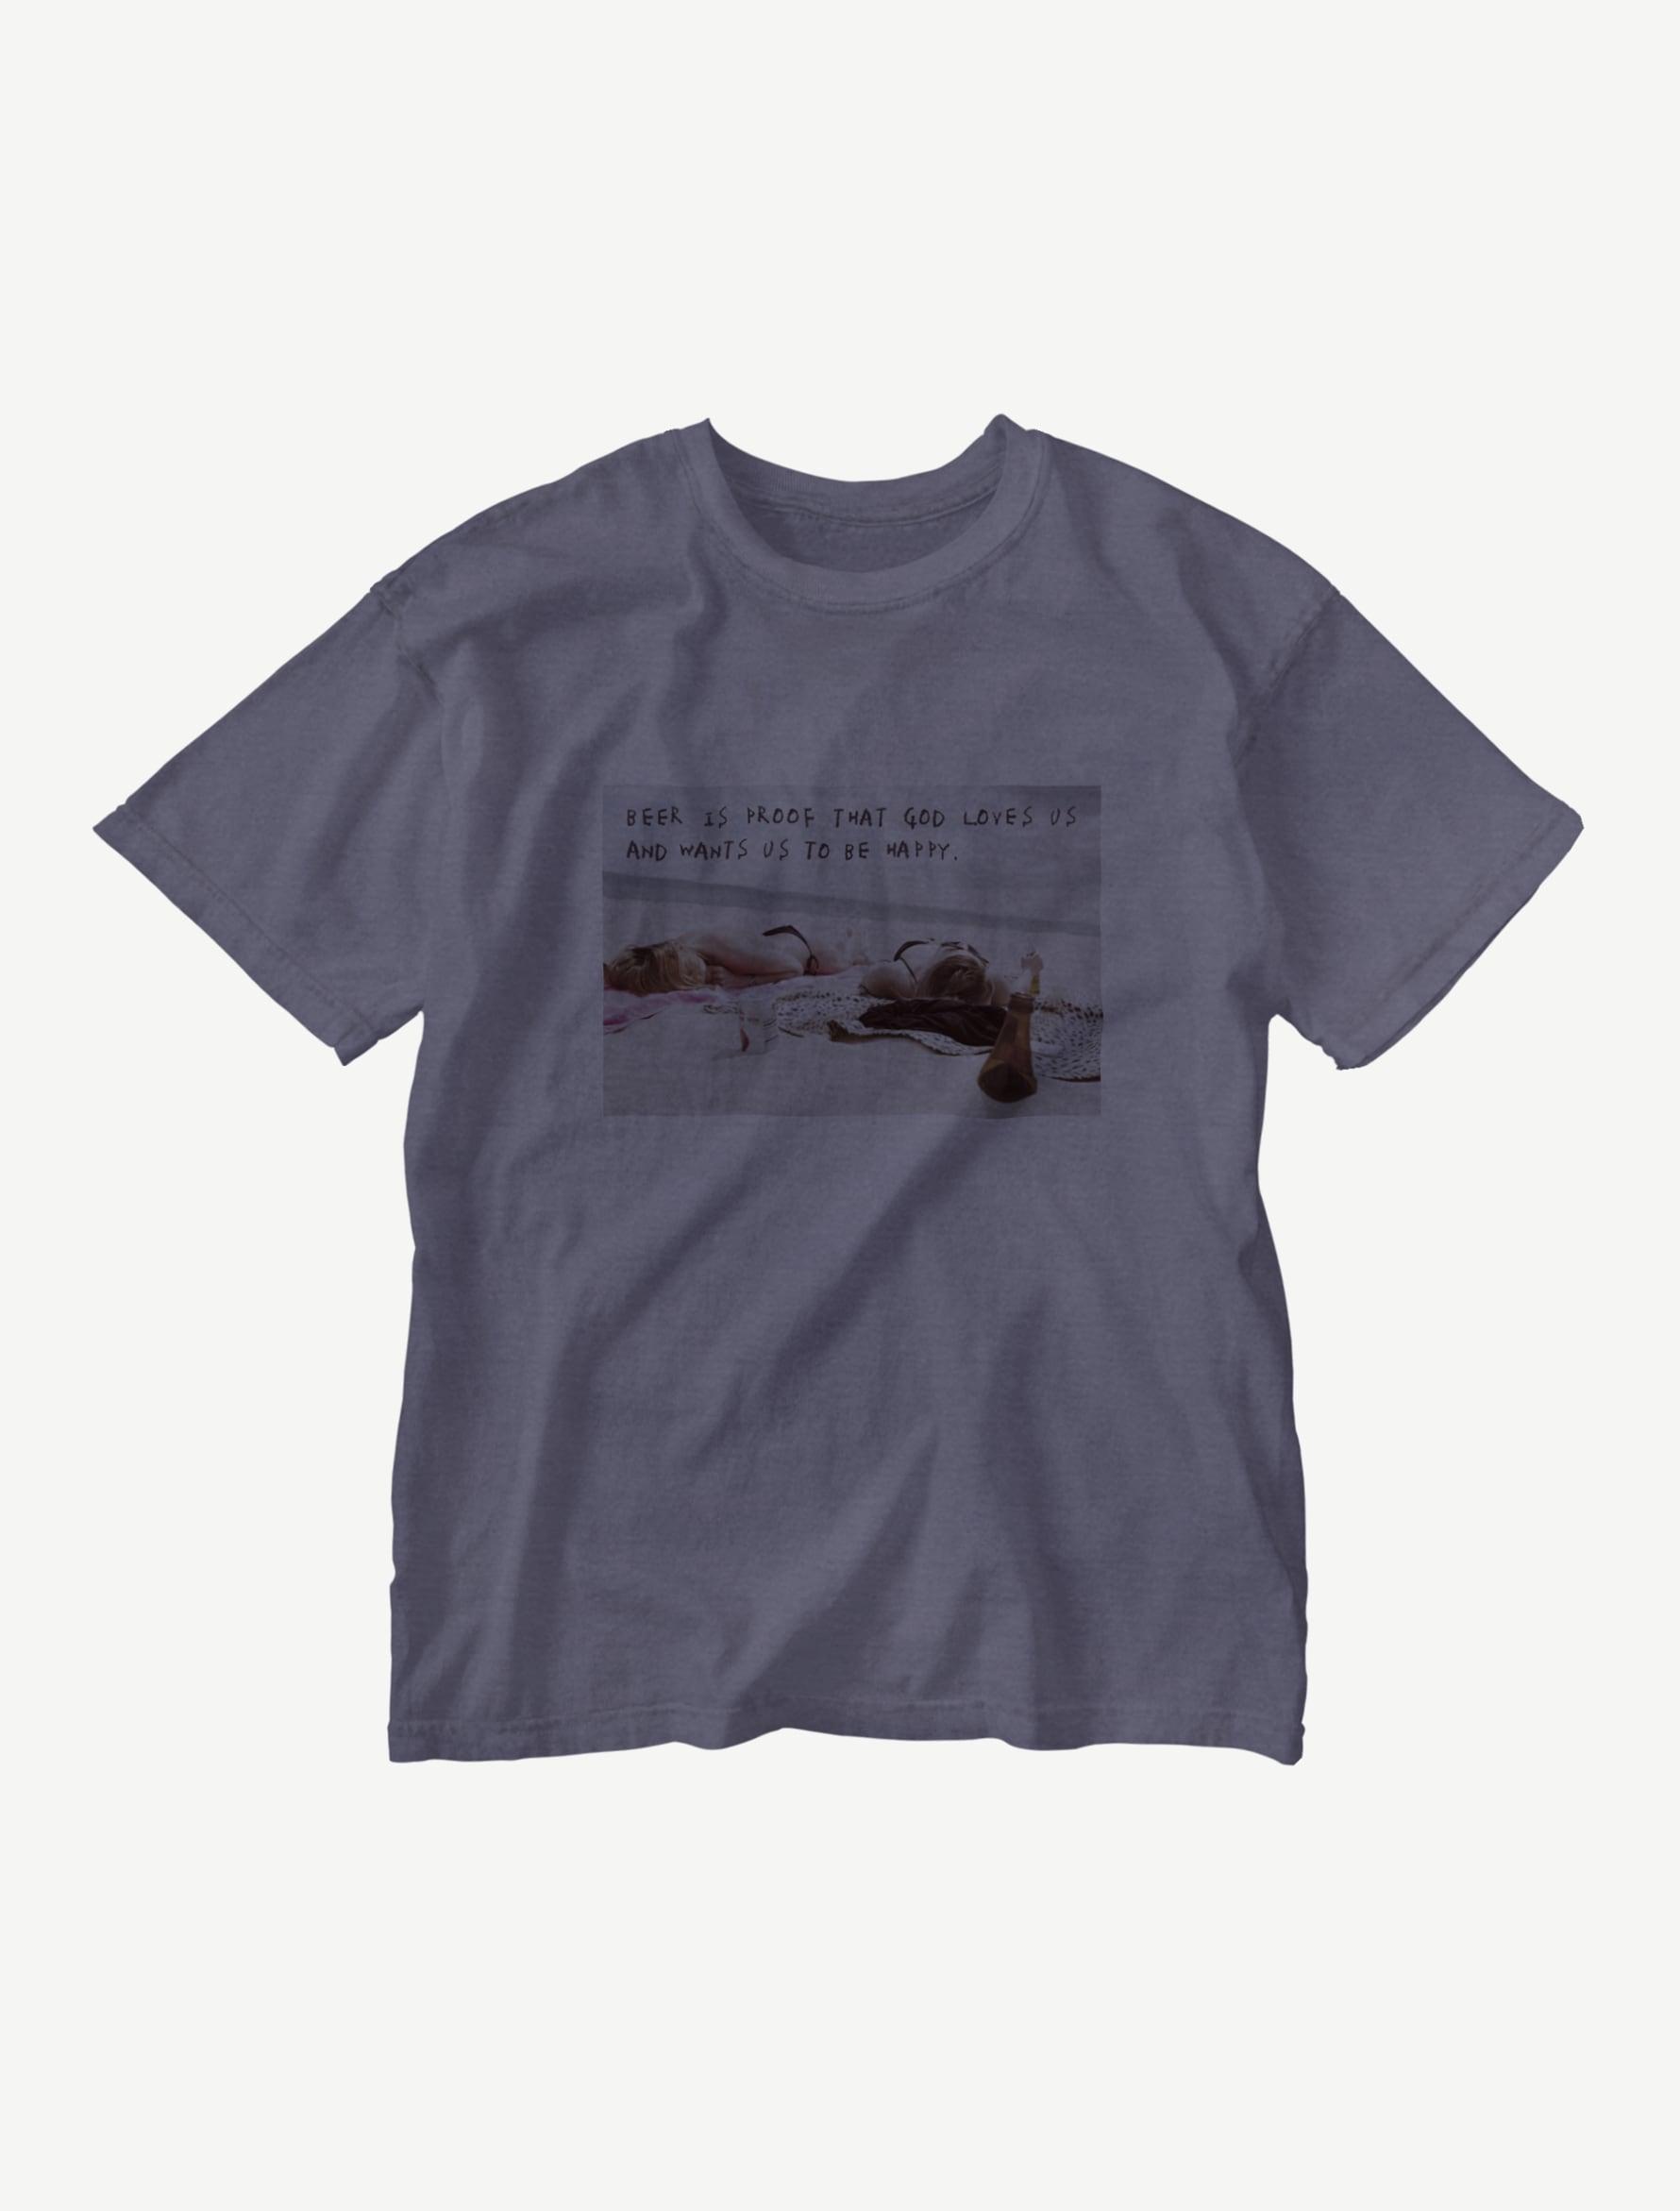 【悩み無用の開放ビーチ】ウォッシュTシャツ(ネイビー)